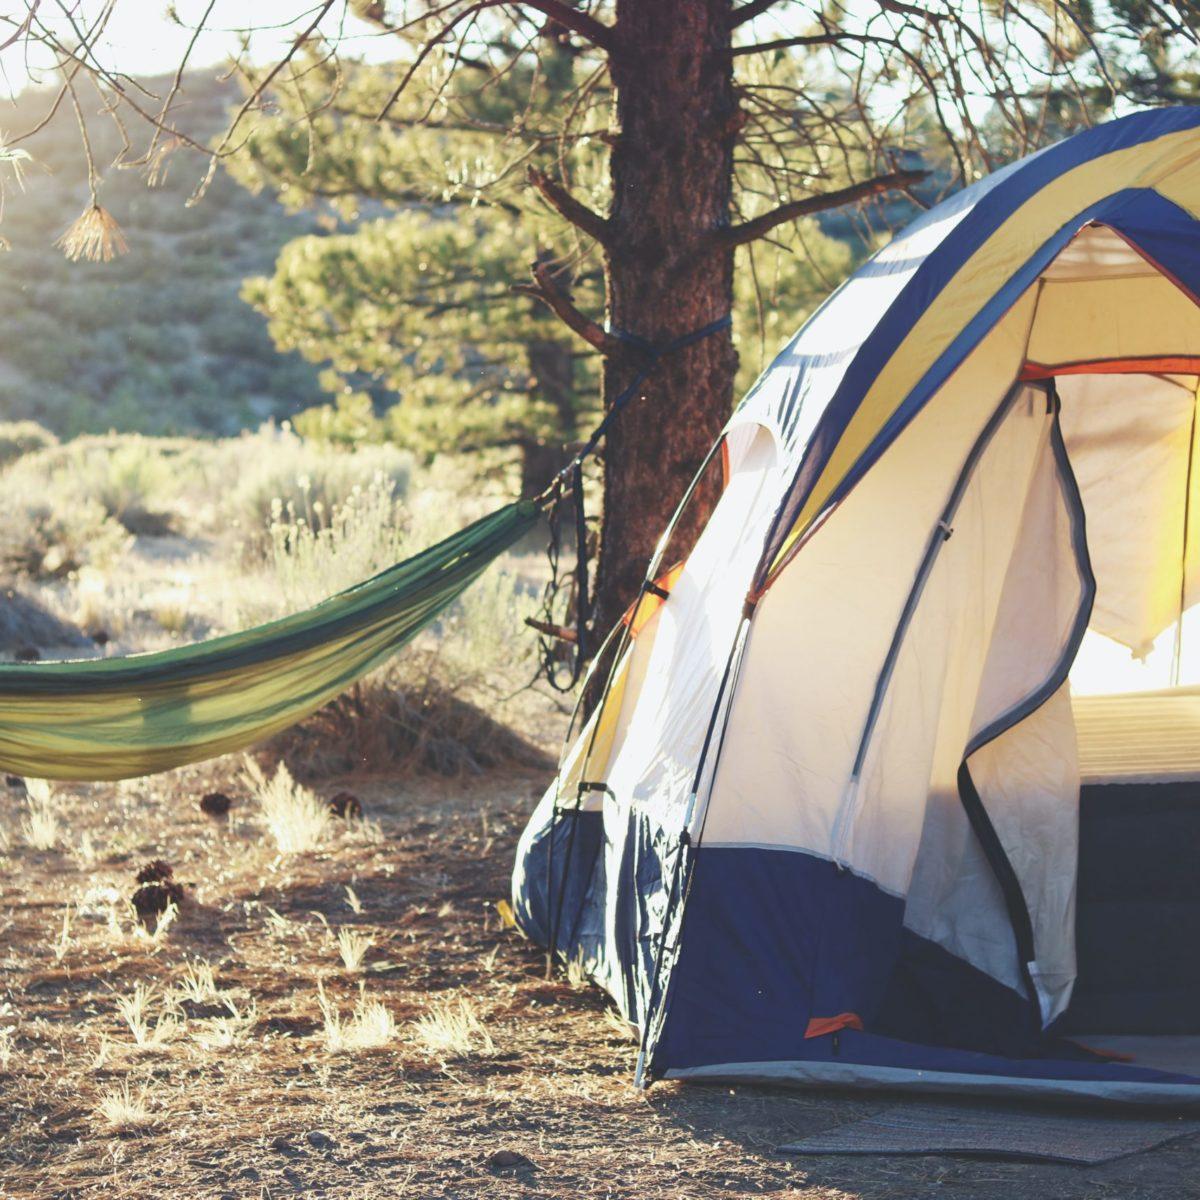 comydo_tourism_camping